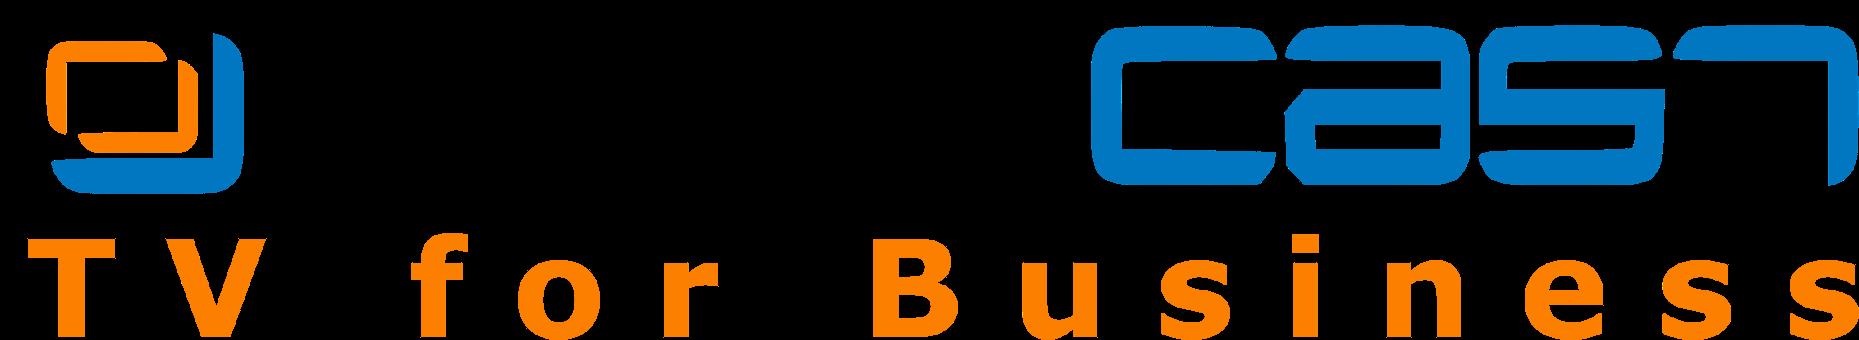 logo_new_blue_resized_bold